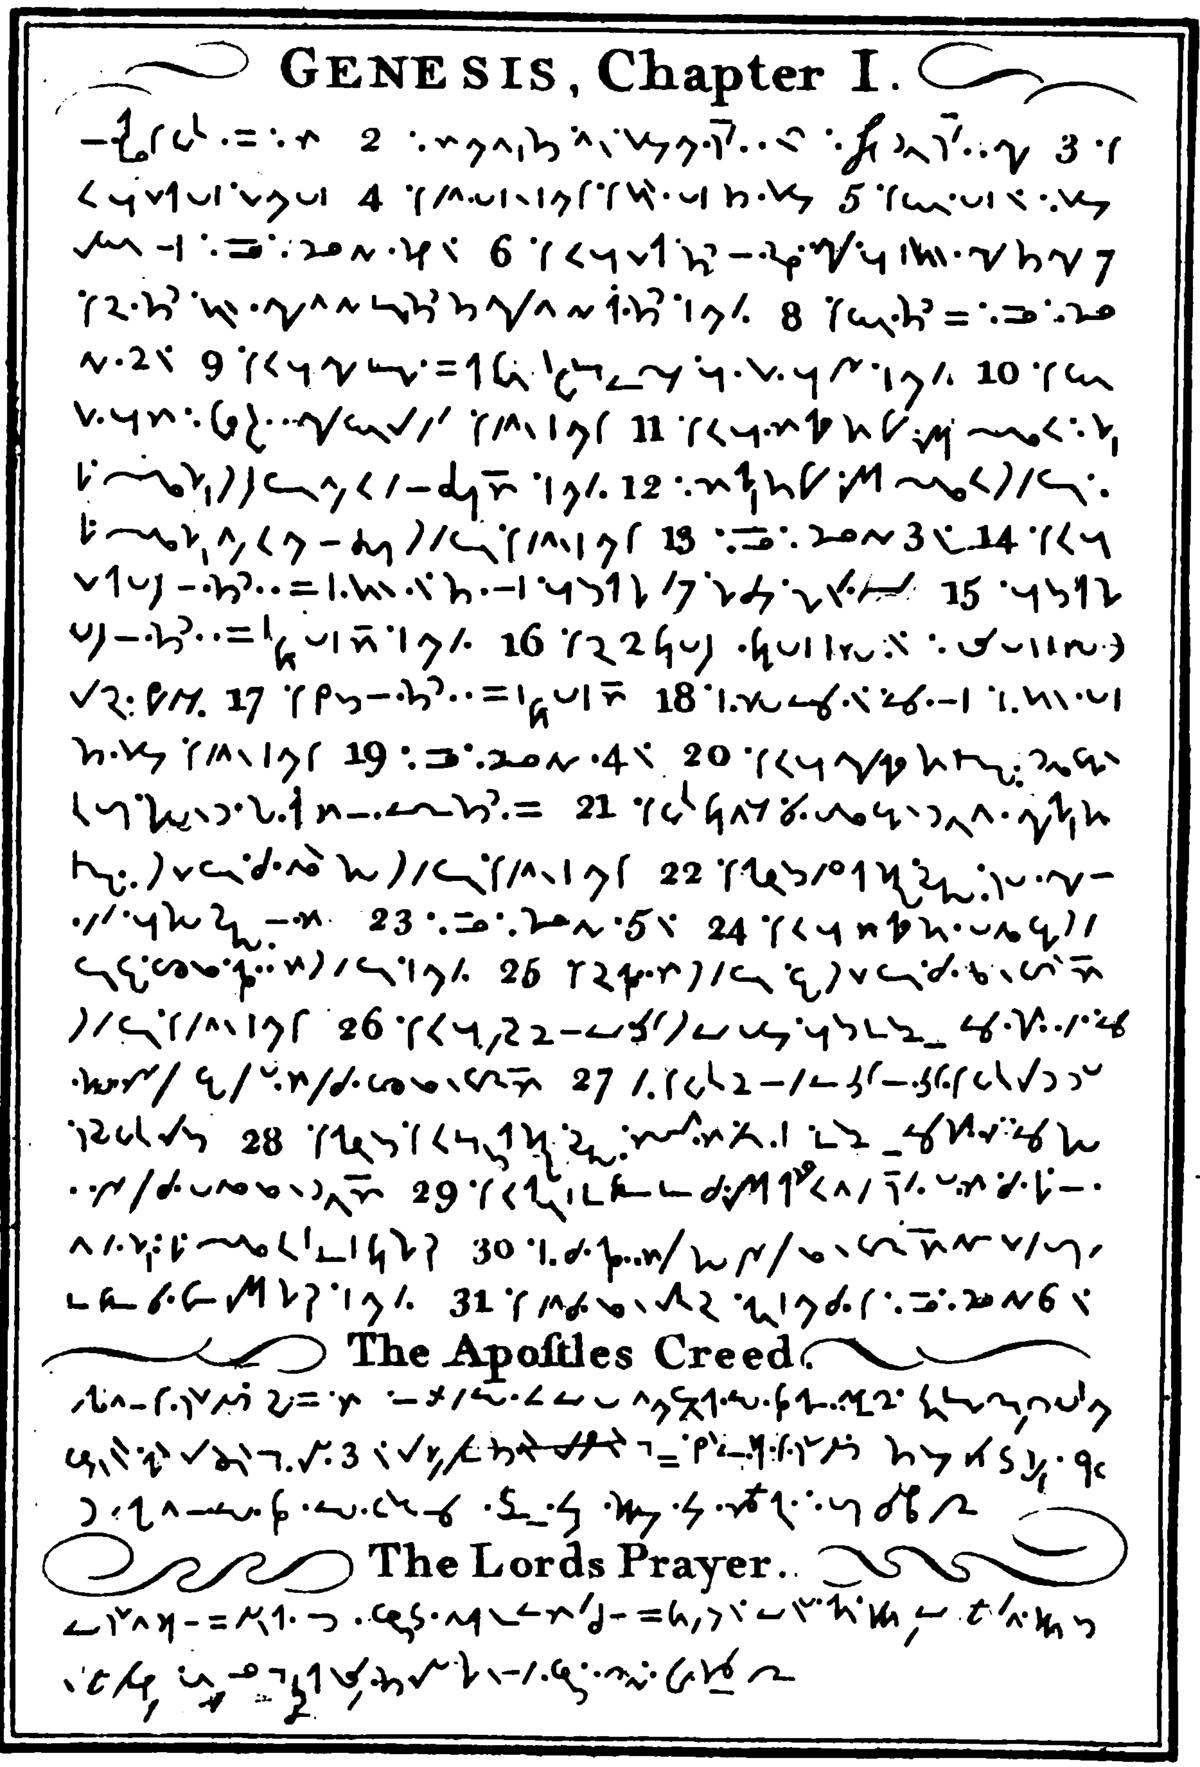 thomas gurney shorthand writer wikipedia